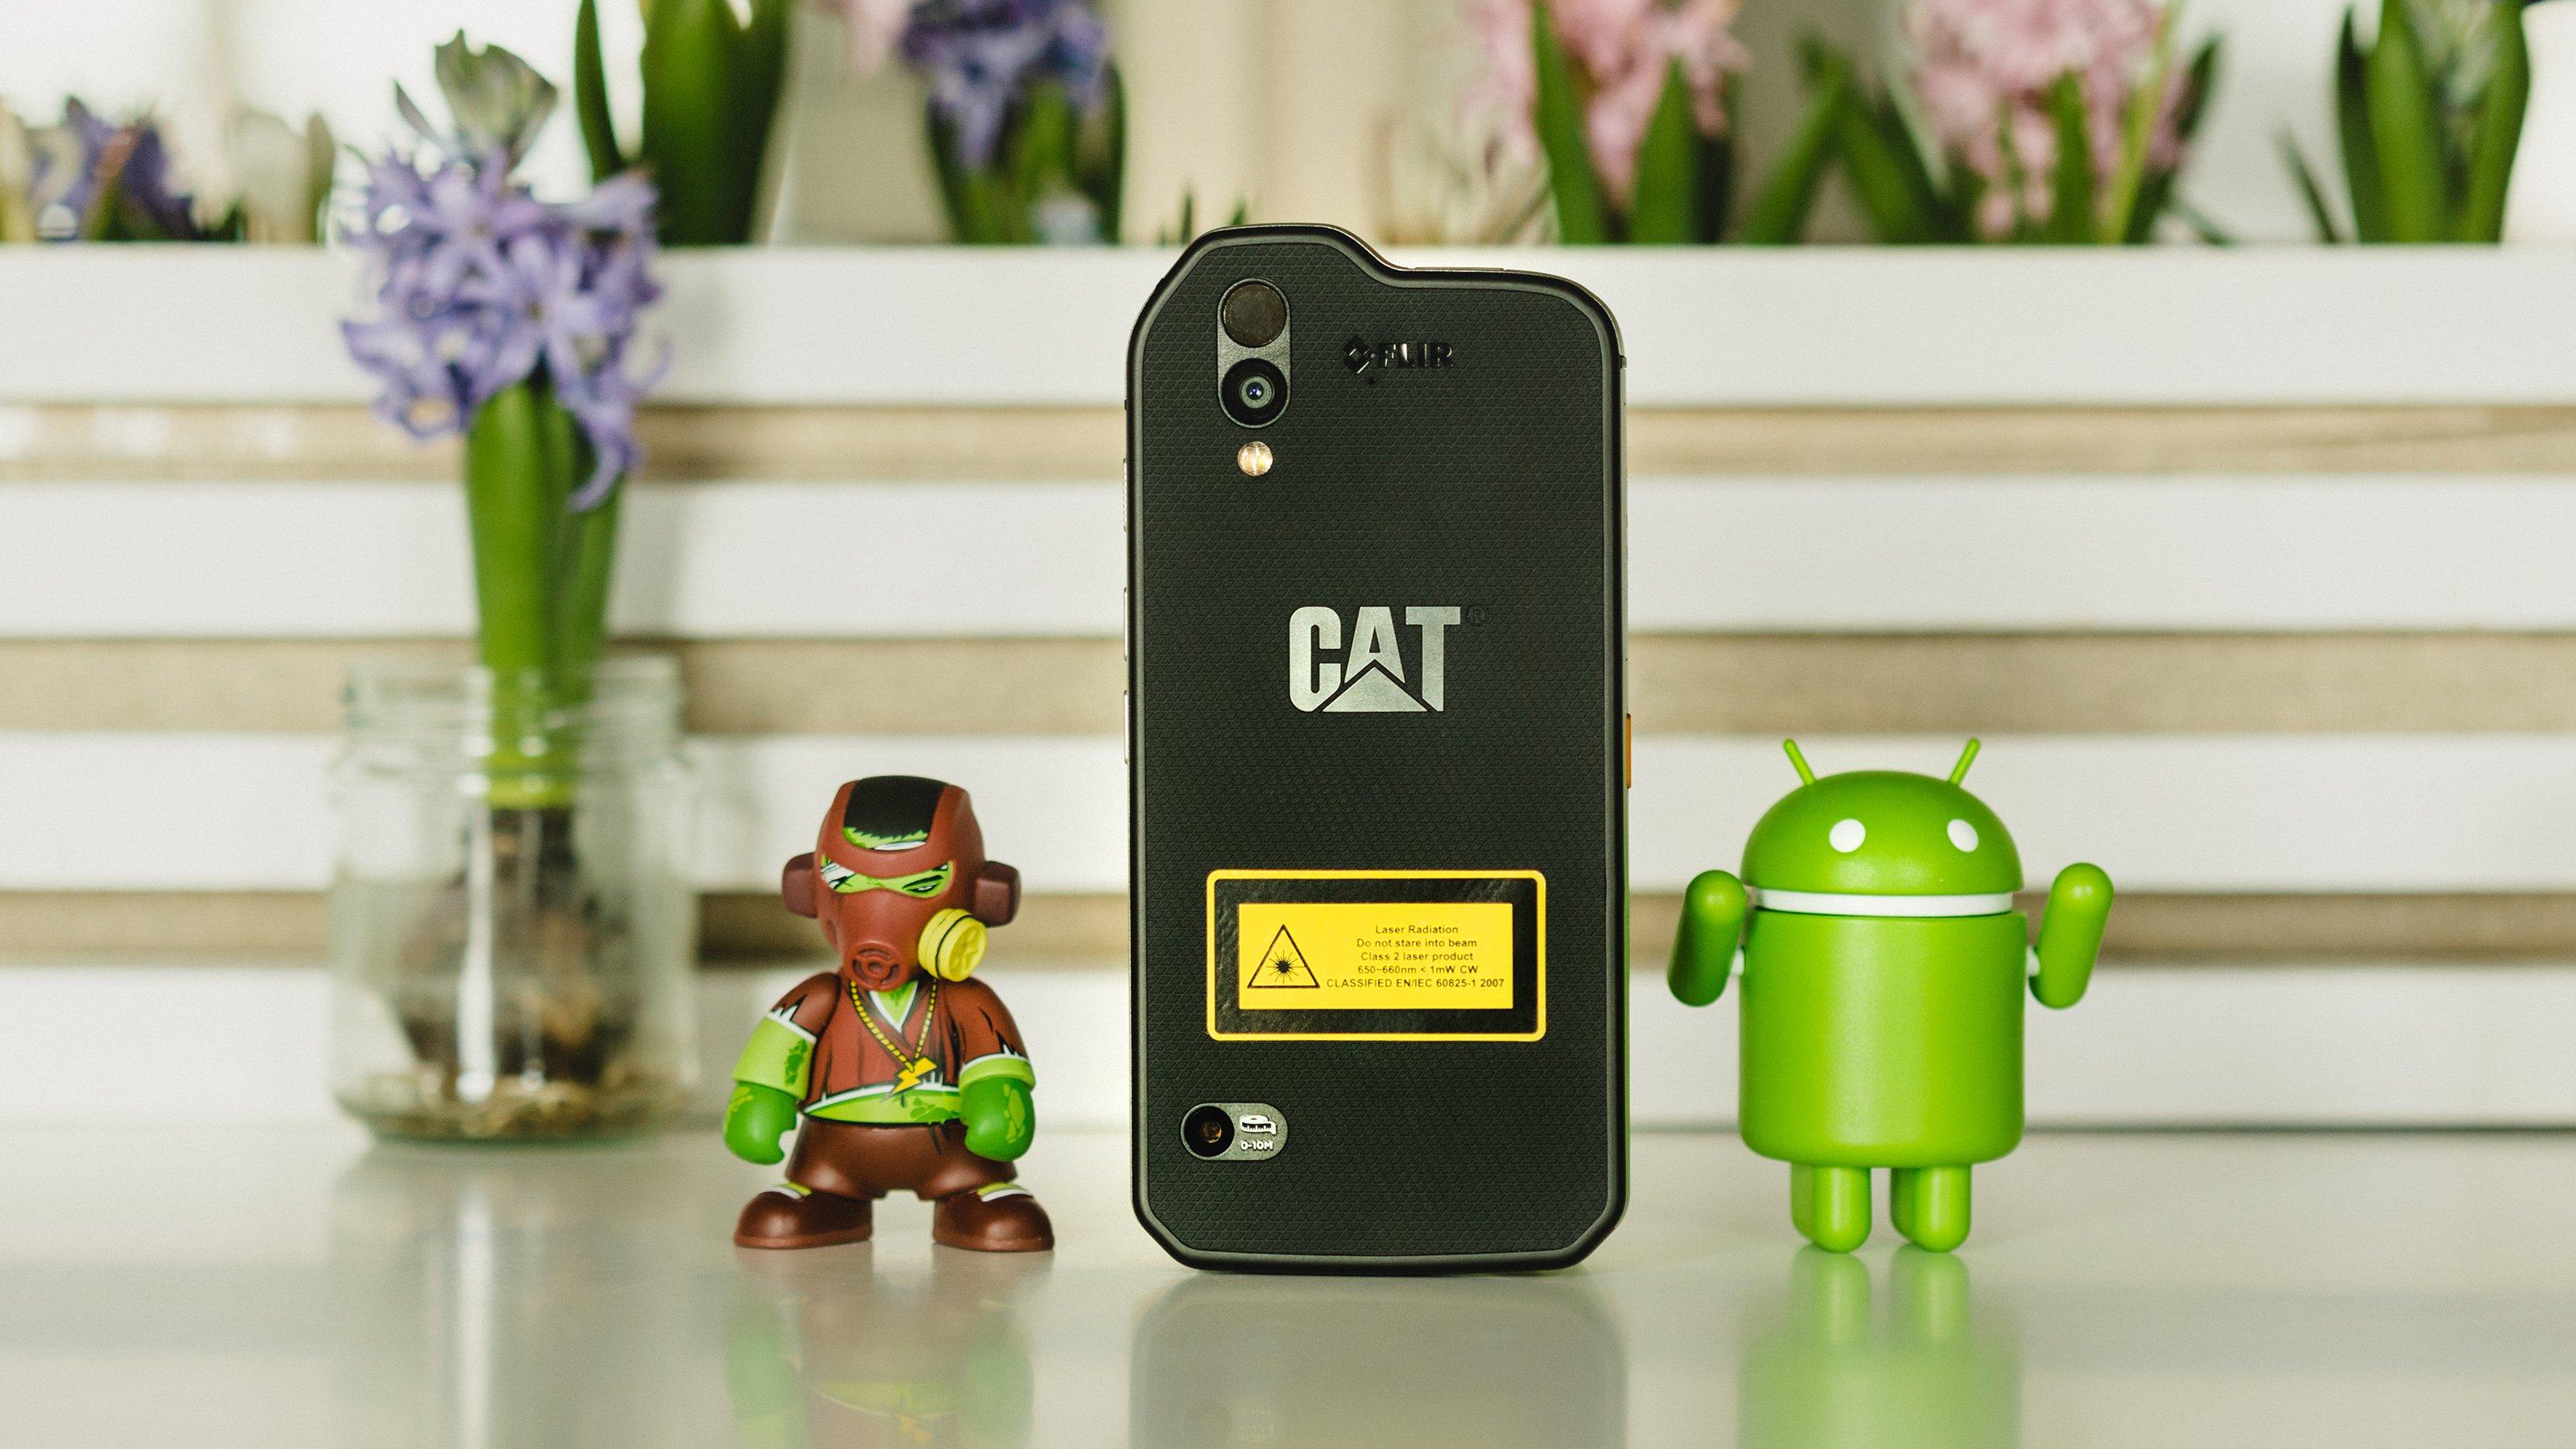 Laser Entfernungsmesser Vergleichstest : Cat s61 im test: grobe kelle statt feine klinge androidpit